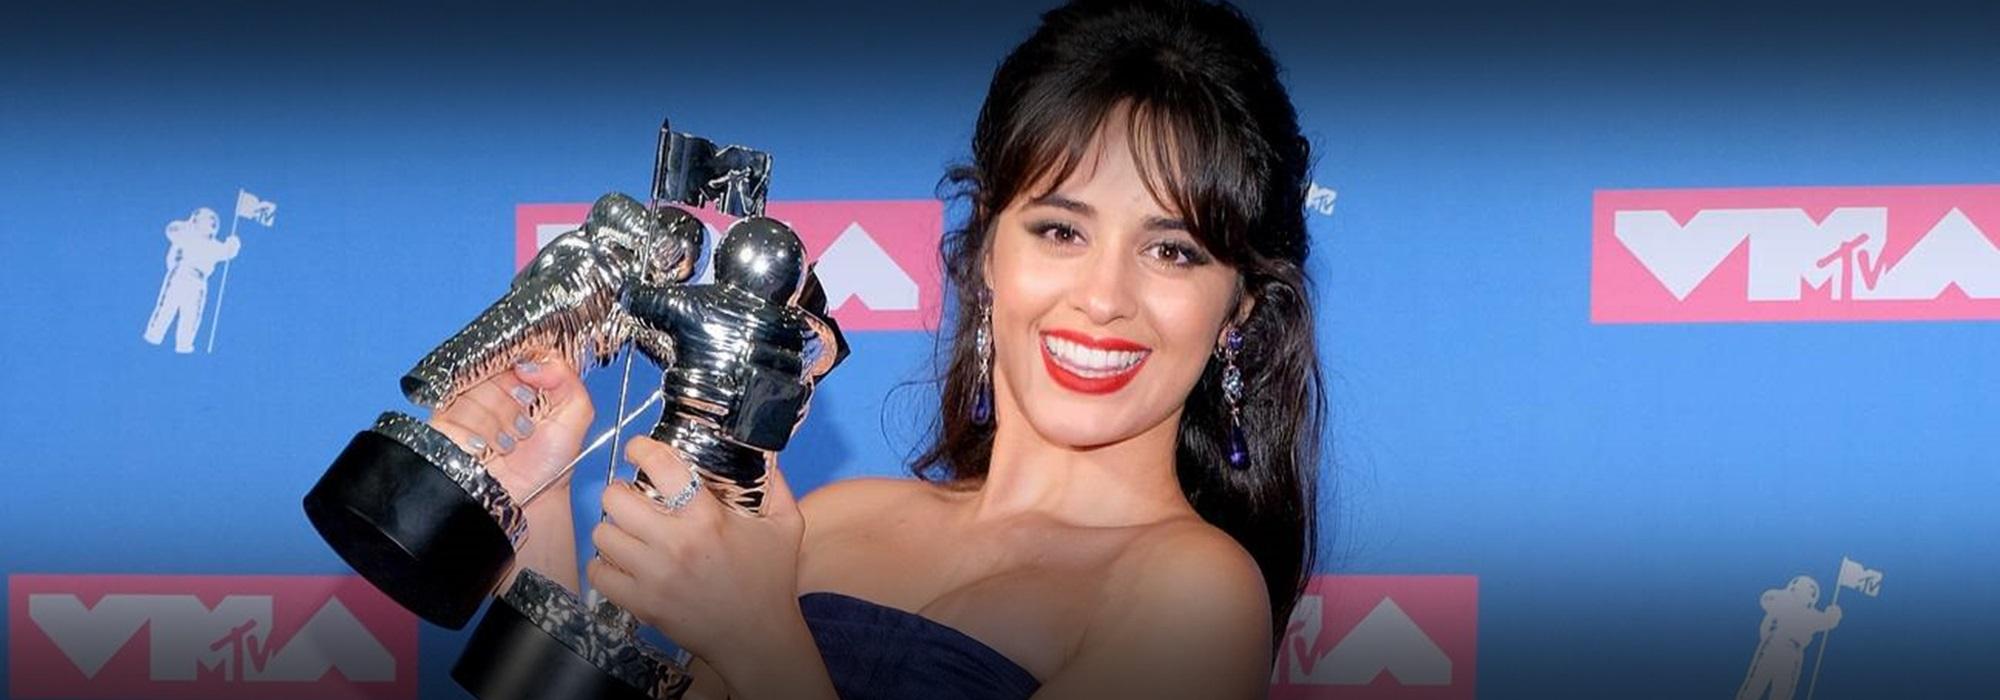 Megtartották az MTV Music Awards-ot